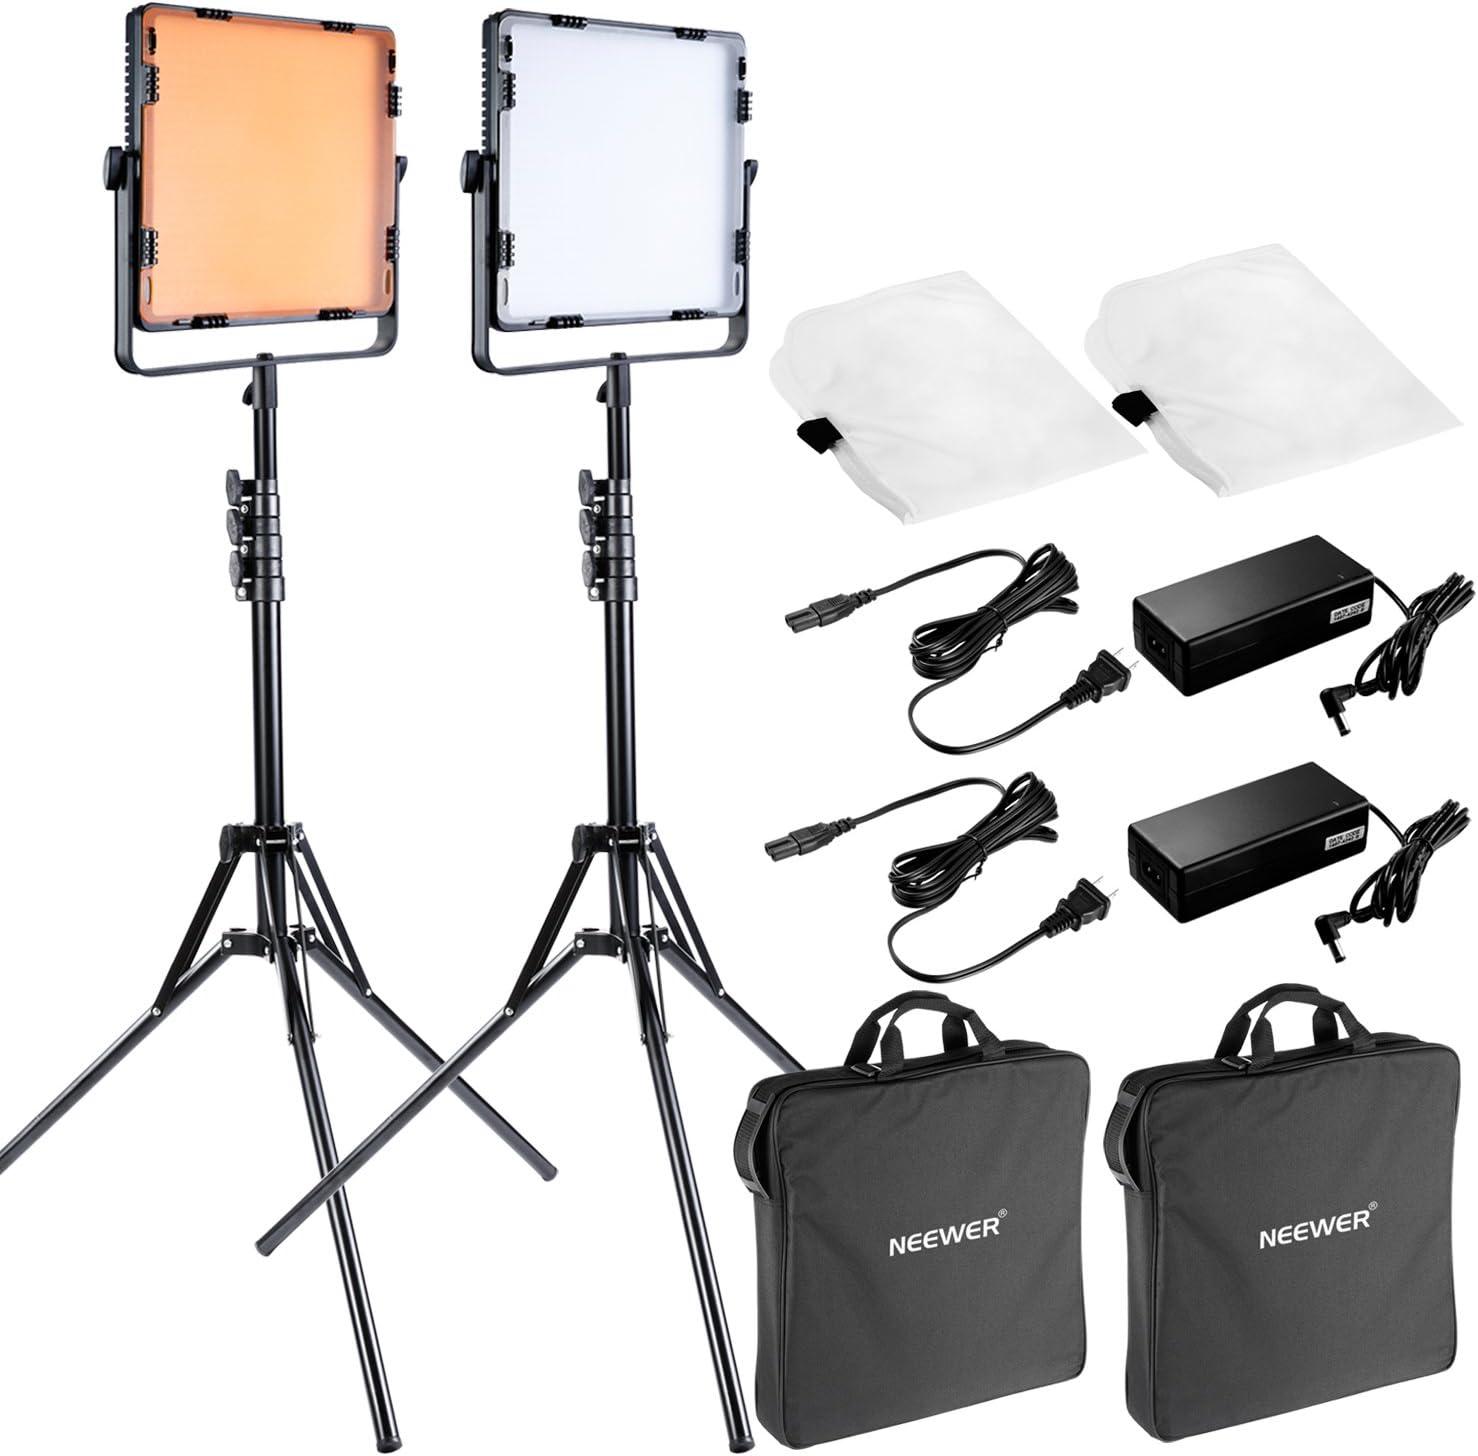 Neewer 650 LED Kit de iluminación de video continuo para fotografía de estudio de vídeo, incluye: (2) luz LED regulable, (2)79 pulgadas/200 centímetros soporte de luz, (2)difusor, (4)filtro, (2)bolsa de transporte: Amazon.es: Electrónica